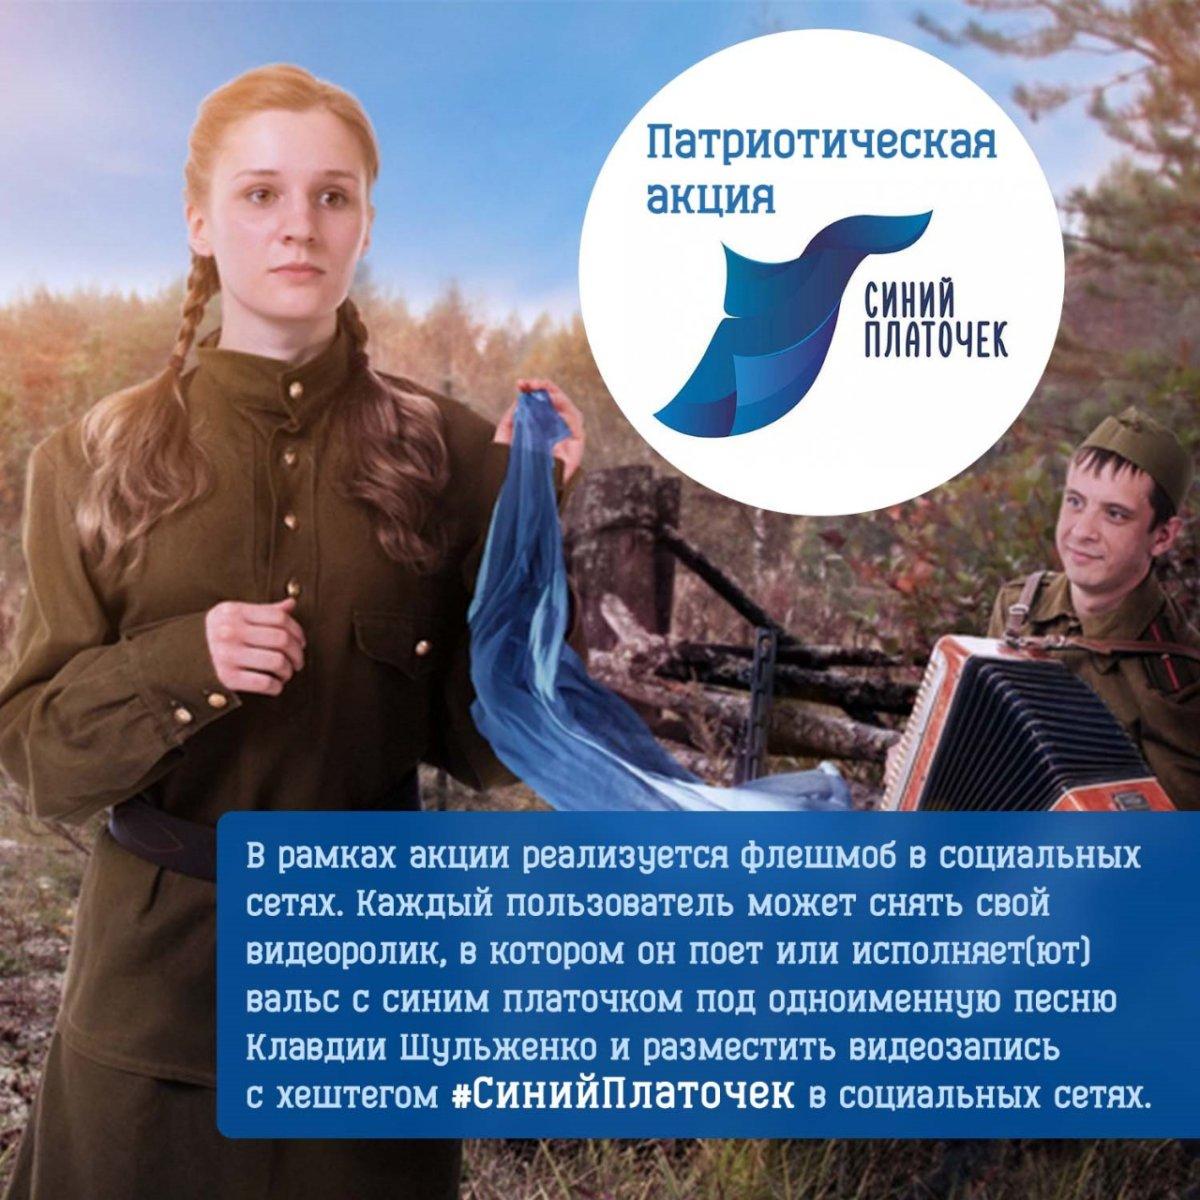 Областная патриотическая акция «Синий платочек»